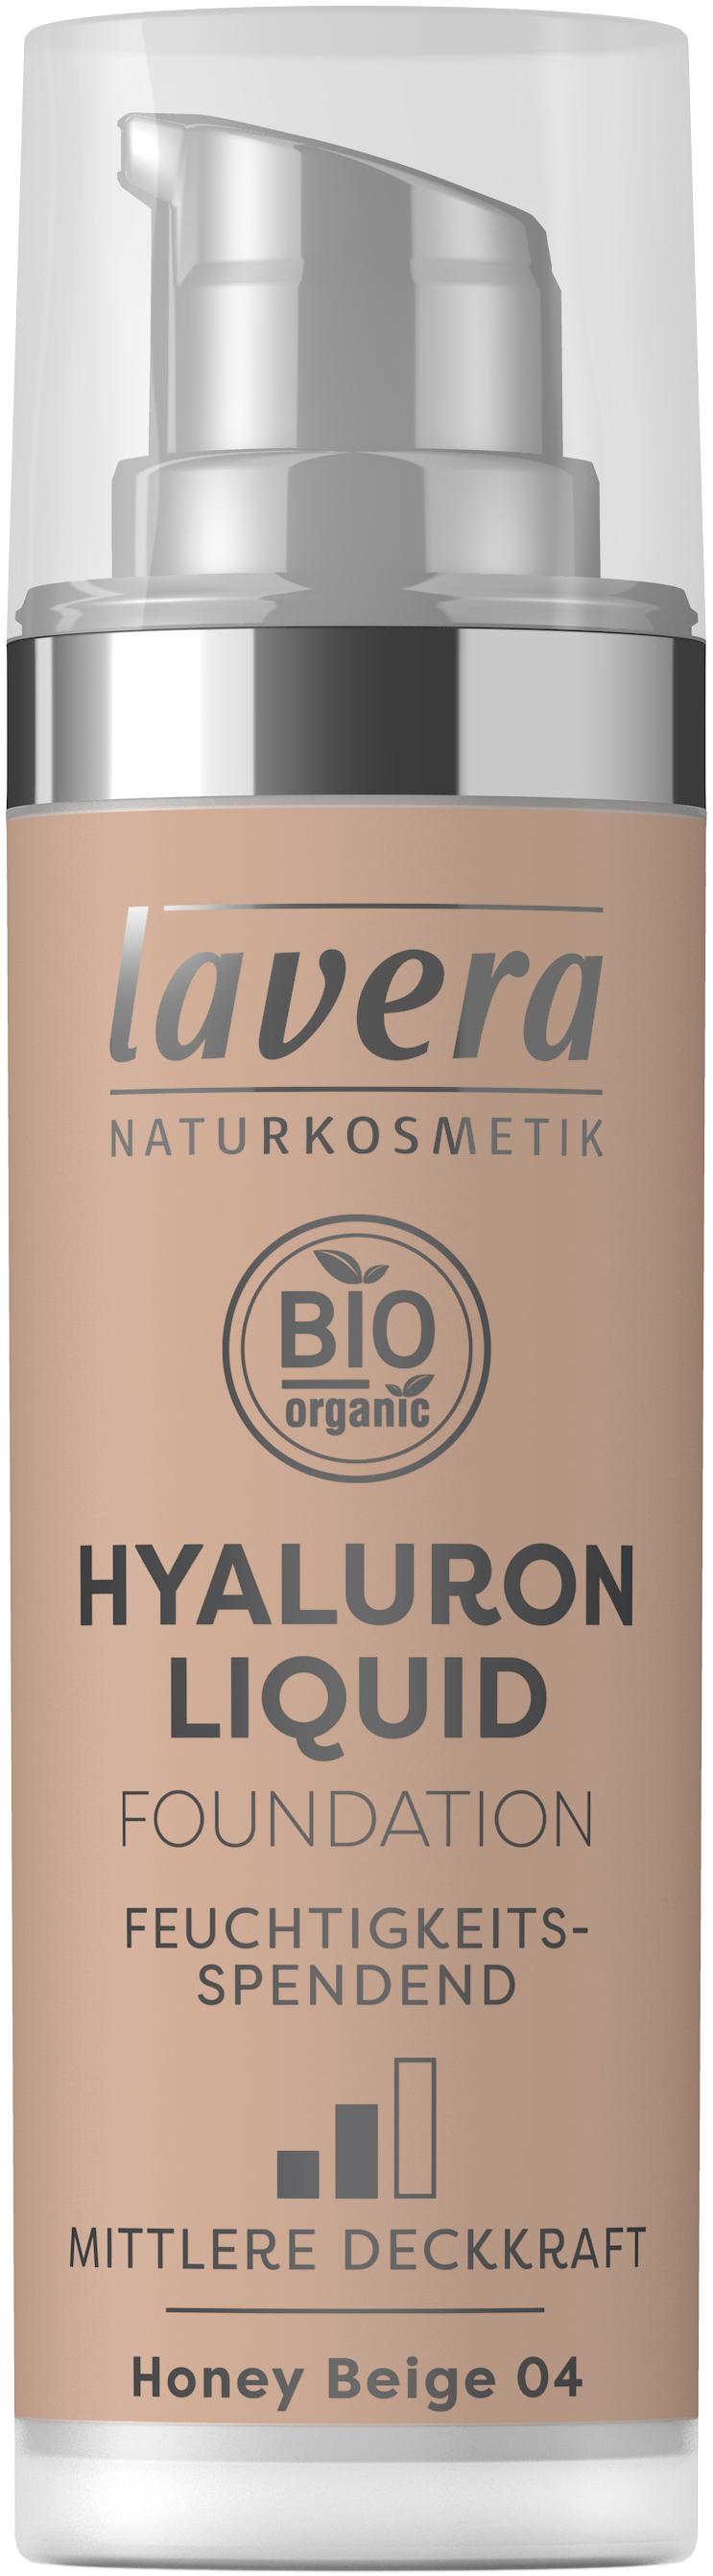 Hyaluron Liquid Foundation -Honey Beige 04-